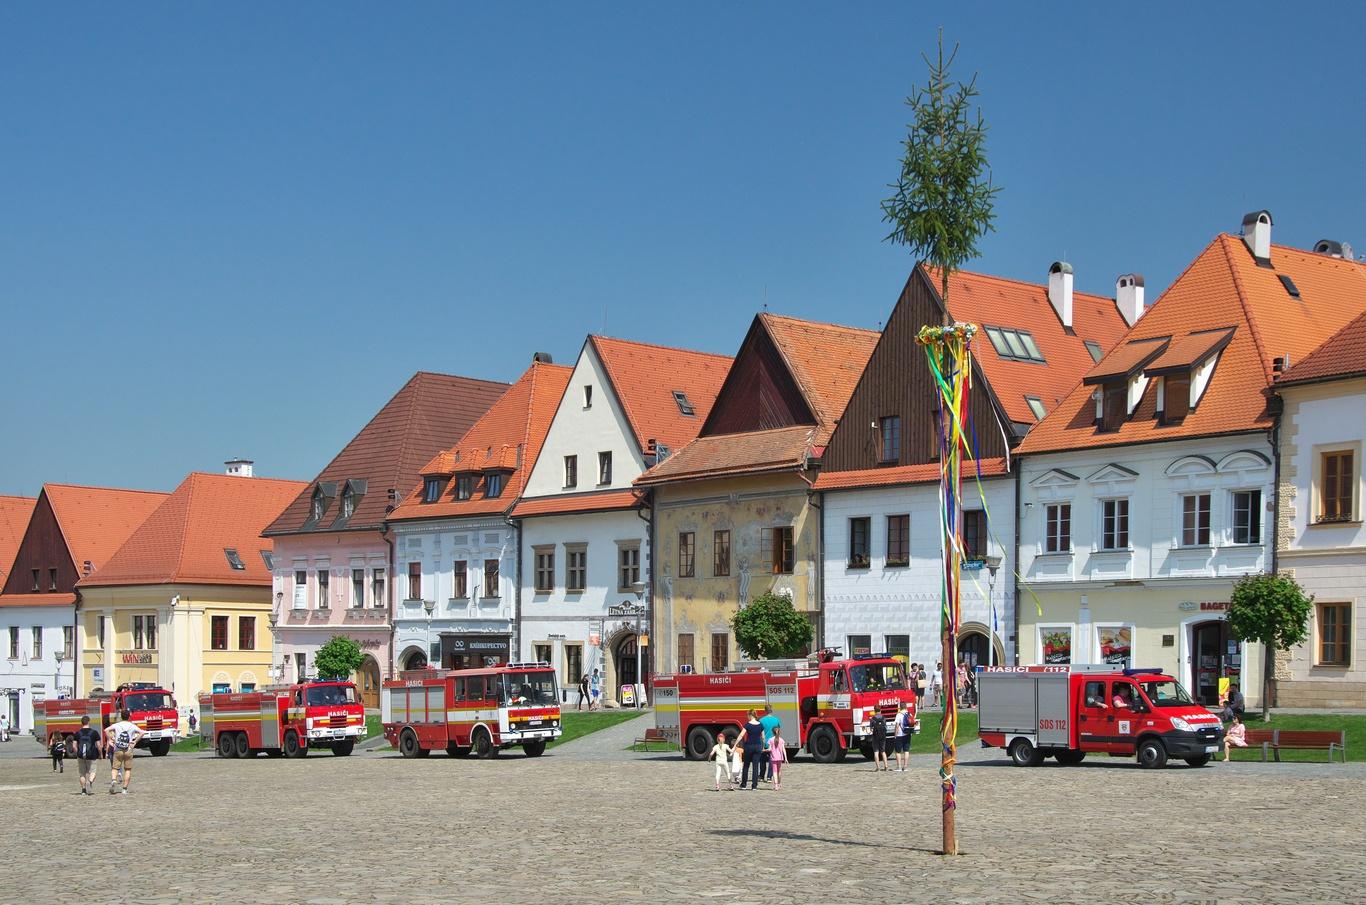 Radničné námestie